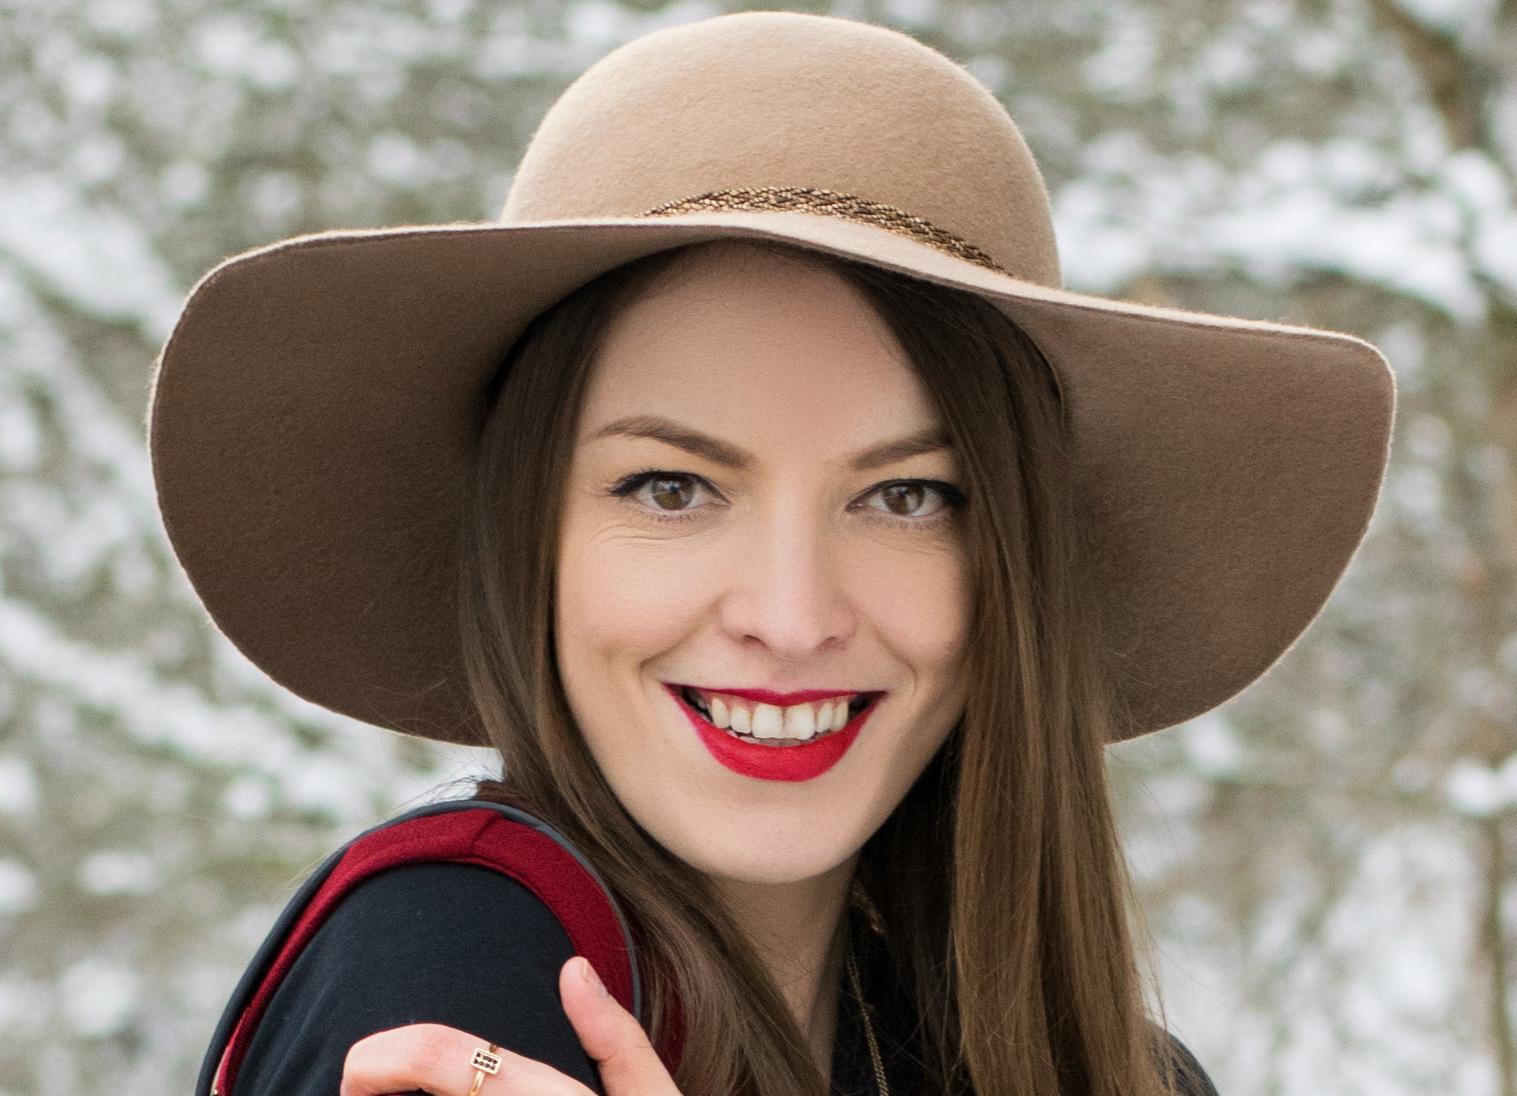 dlhá bordová vesta & orieškový klobúk